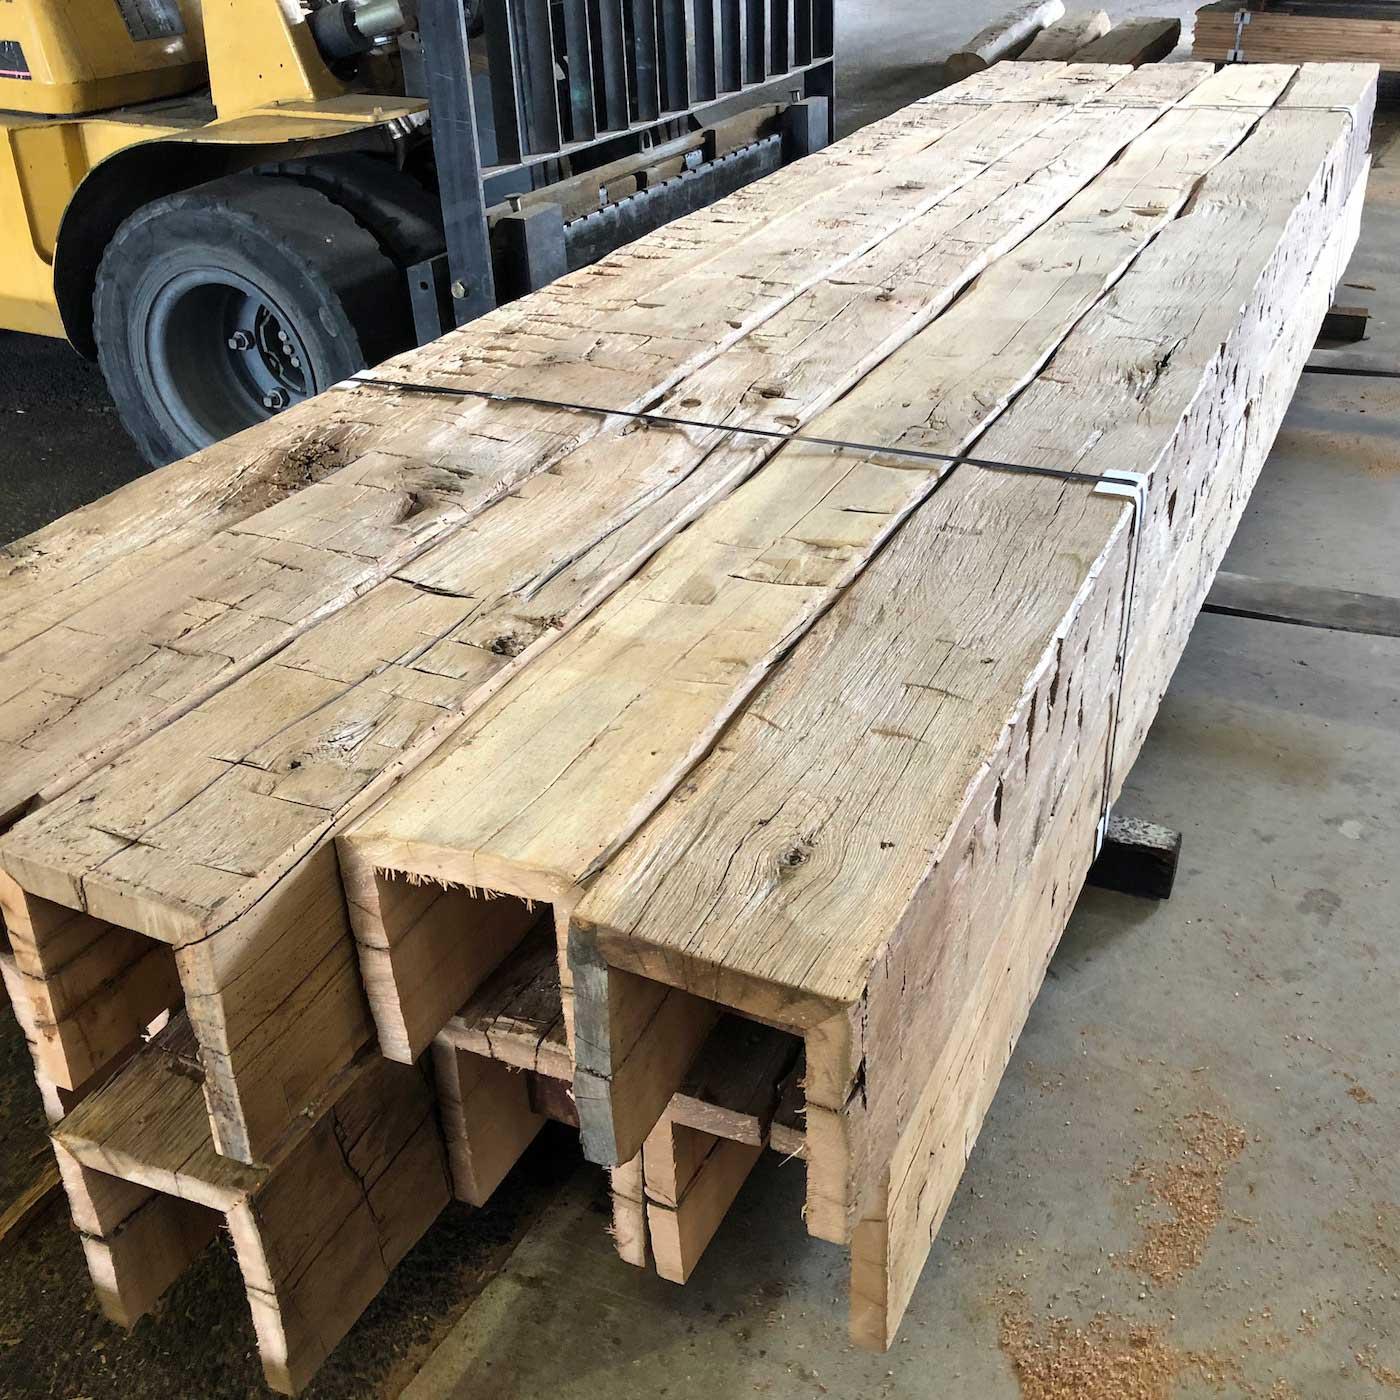 Hand Hewn Barn Timber Box Beams - Box Beam Fabrication